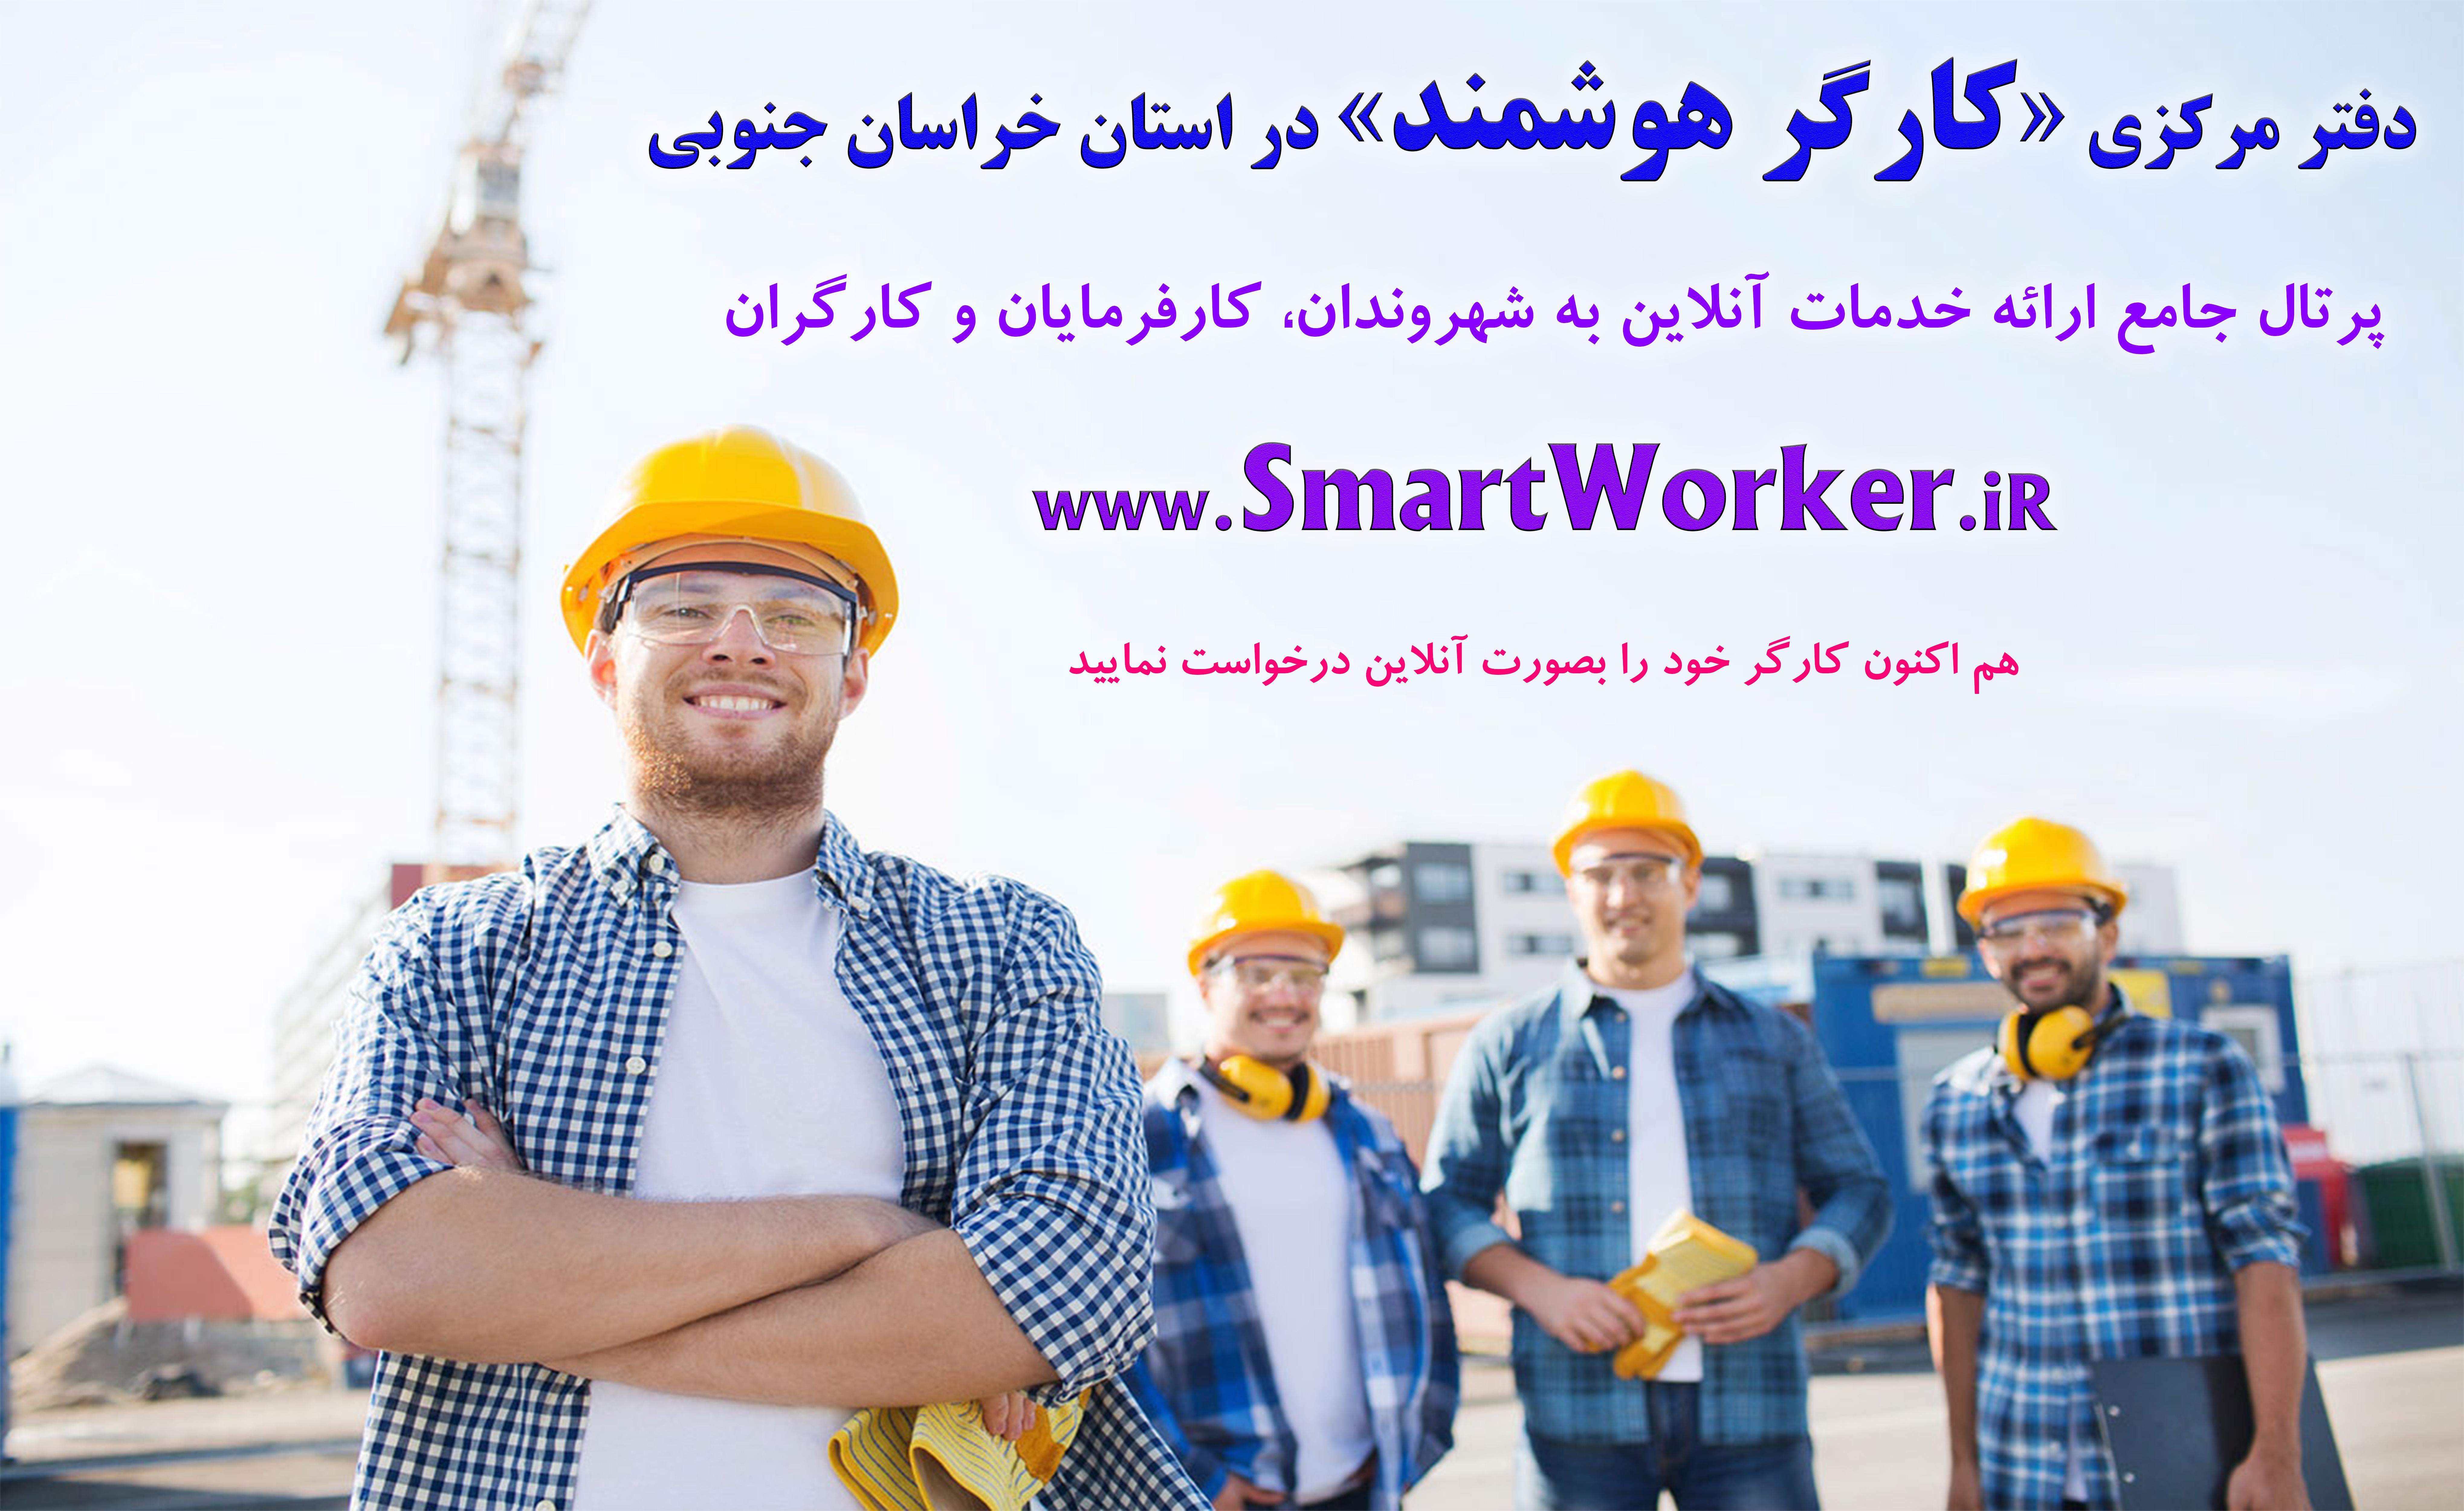 کارگر هوشمند